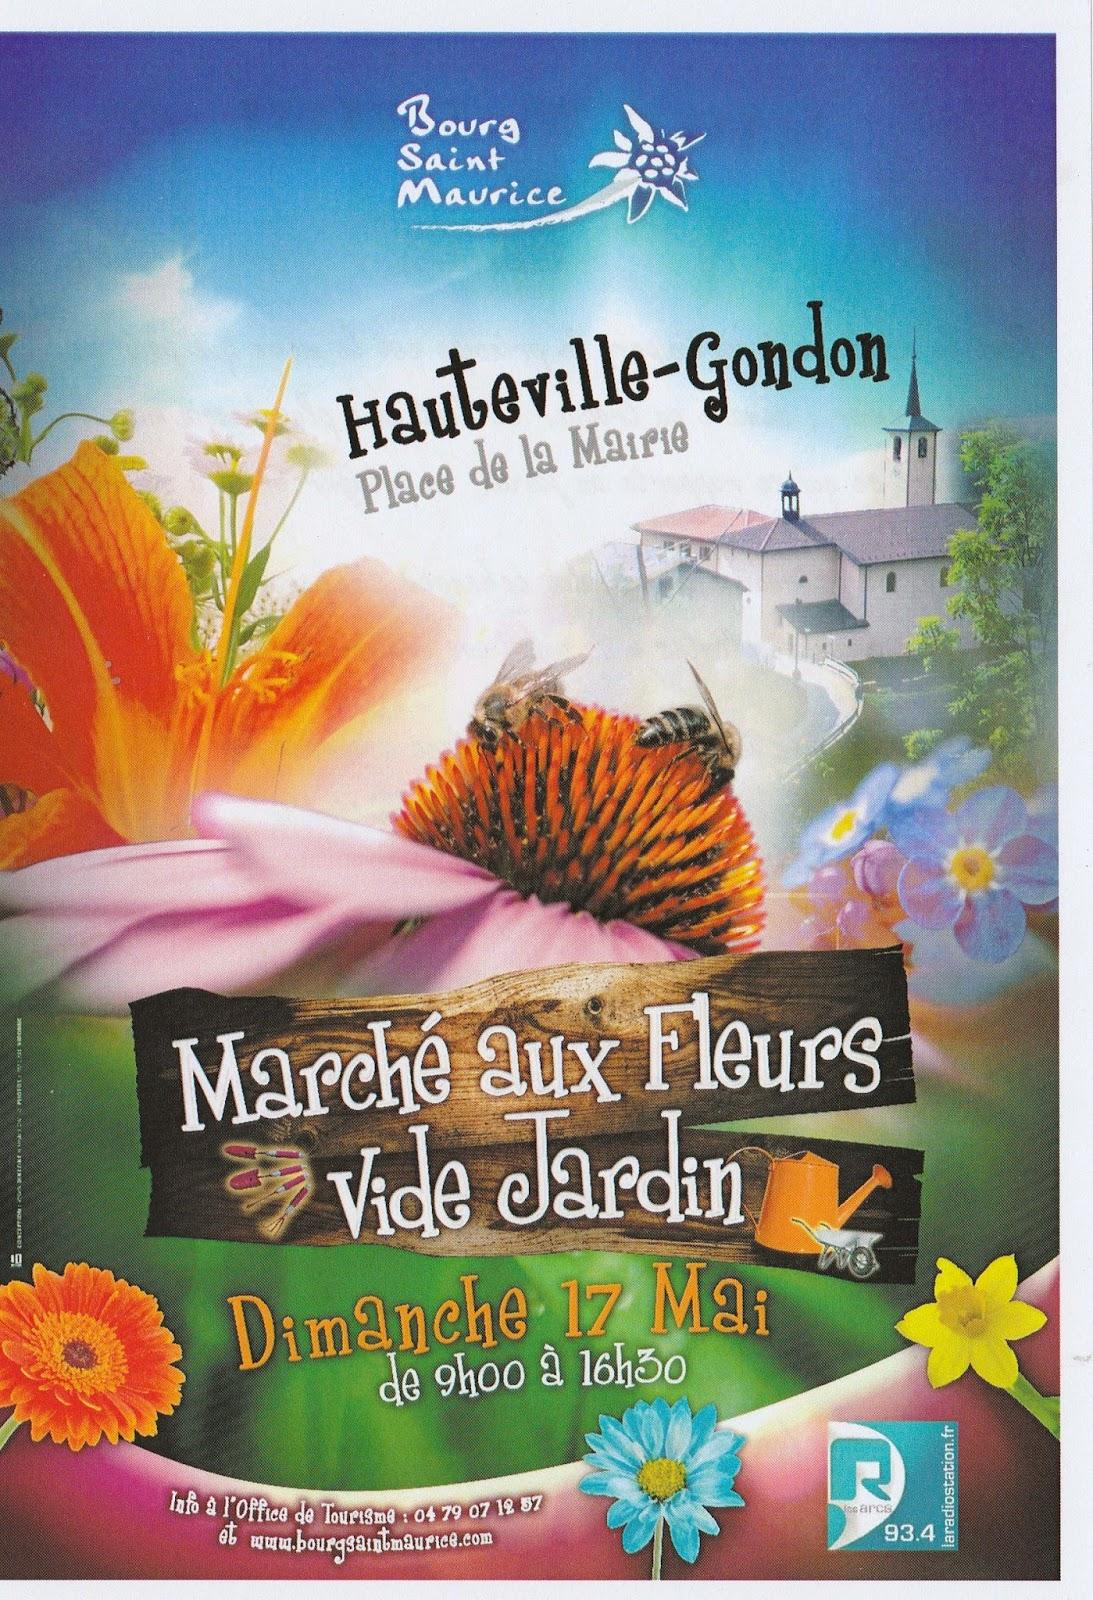 Les derni res infos de haute tarentaise par pierre for Vide jardin finistere 2015